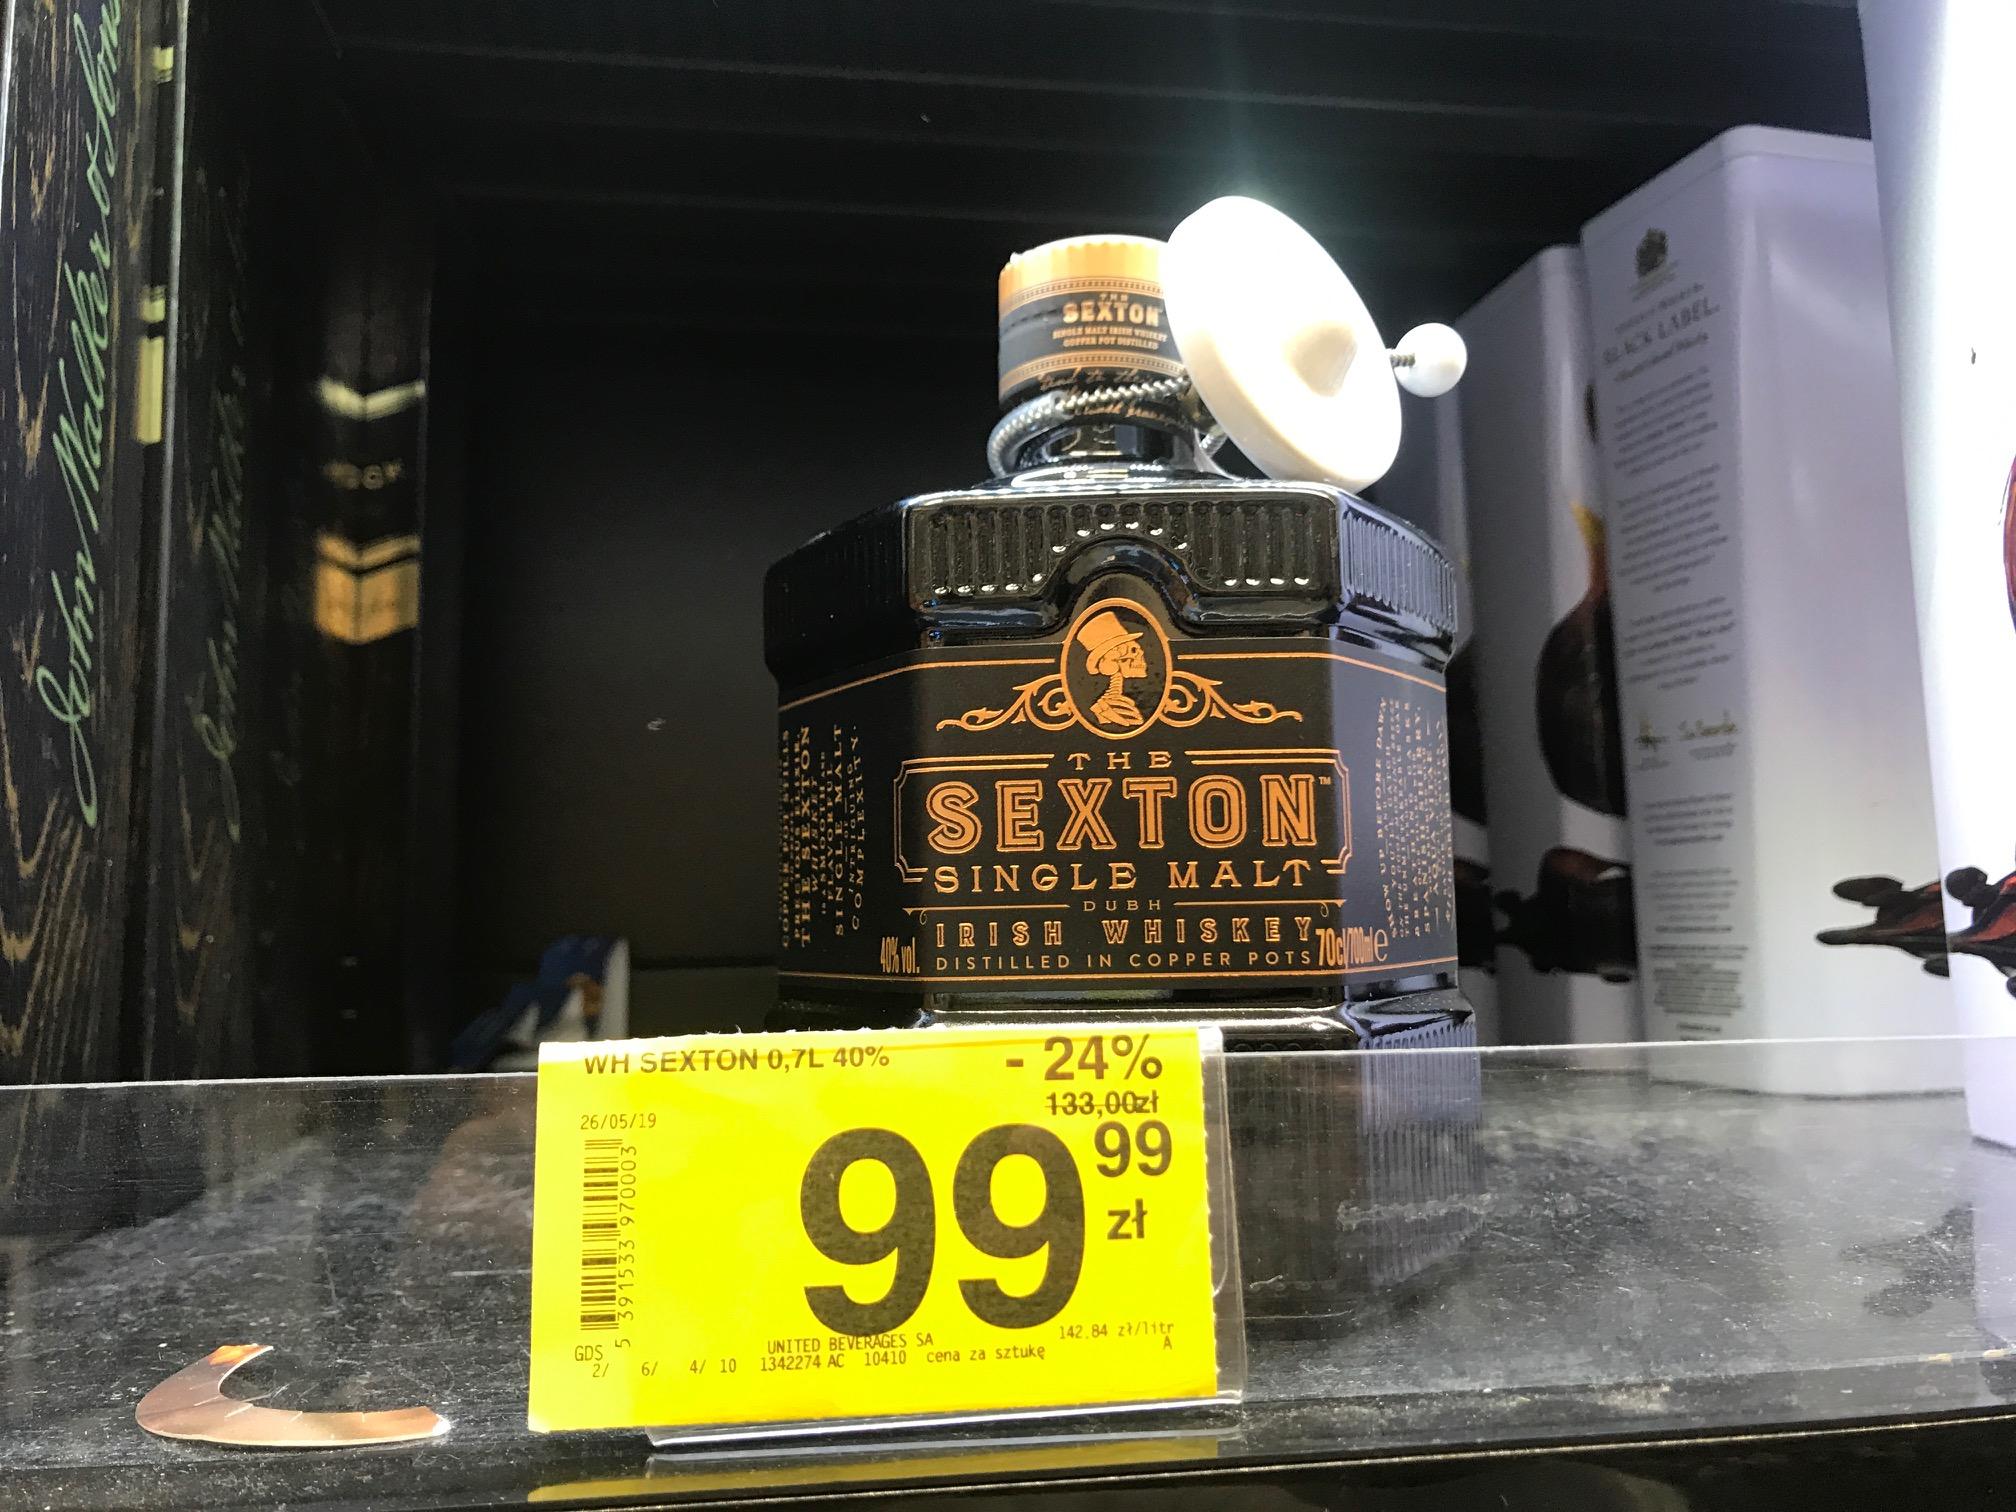 Carrefour Jaworzno Irish Whiskey The Sexton Single Malt 0.7l